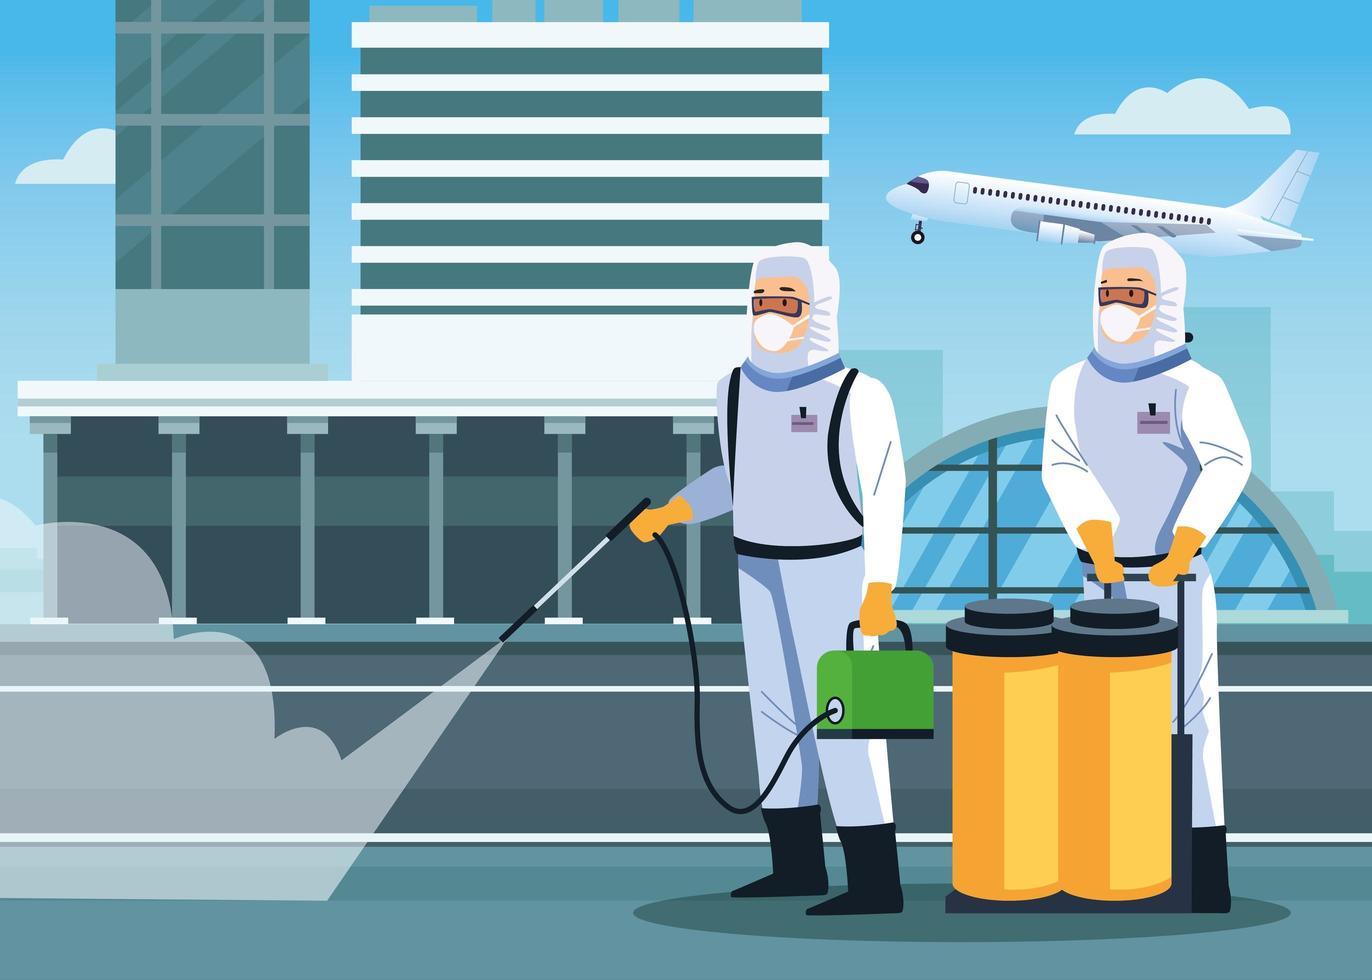 biosäkerhetsarbetare desinficerar flygplatsen vektor